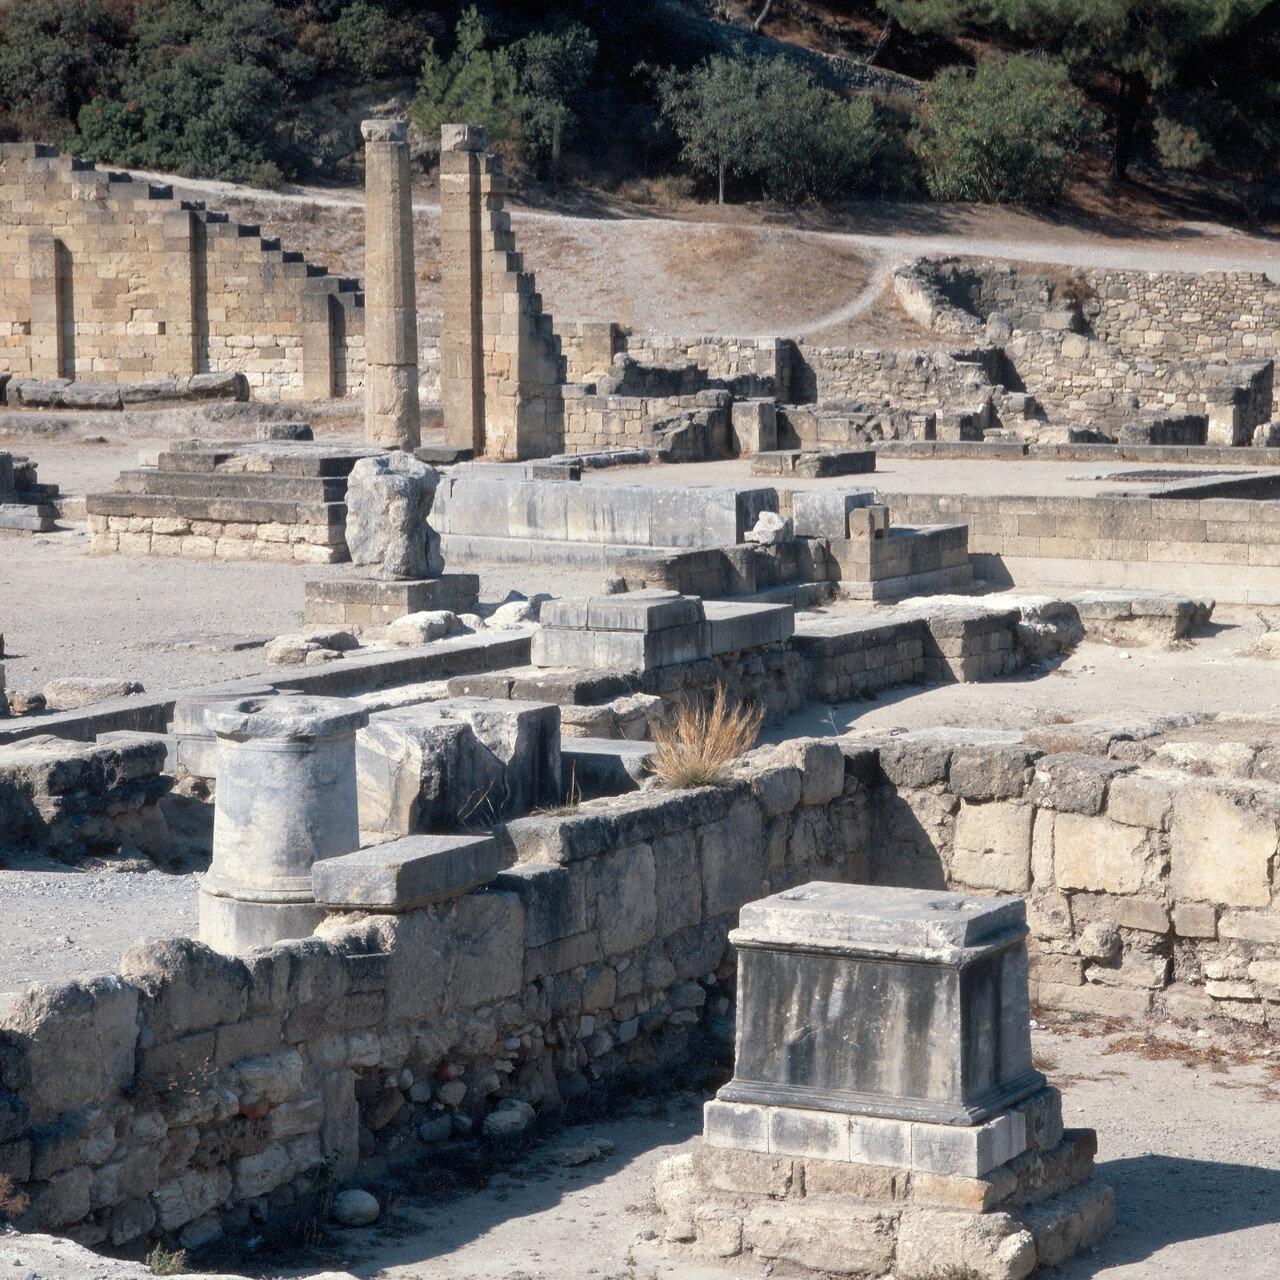 Камирос. Развалины храма  Аполлона Пифийского в нижнем городе